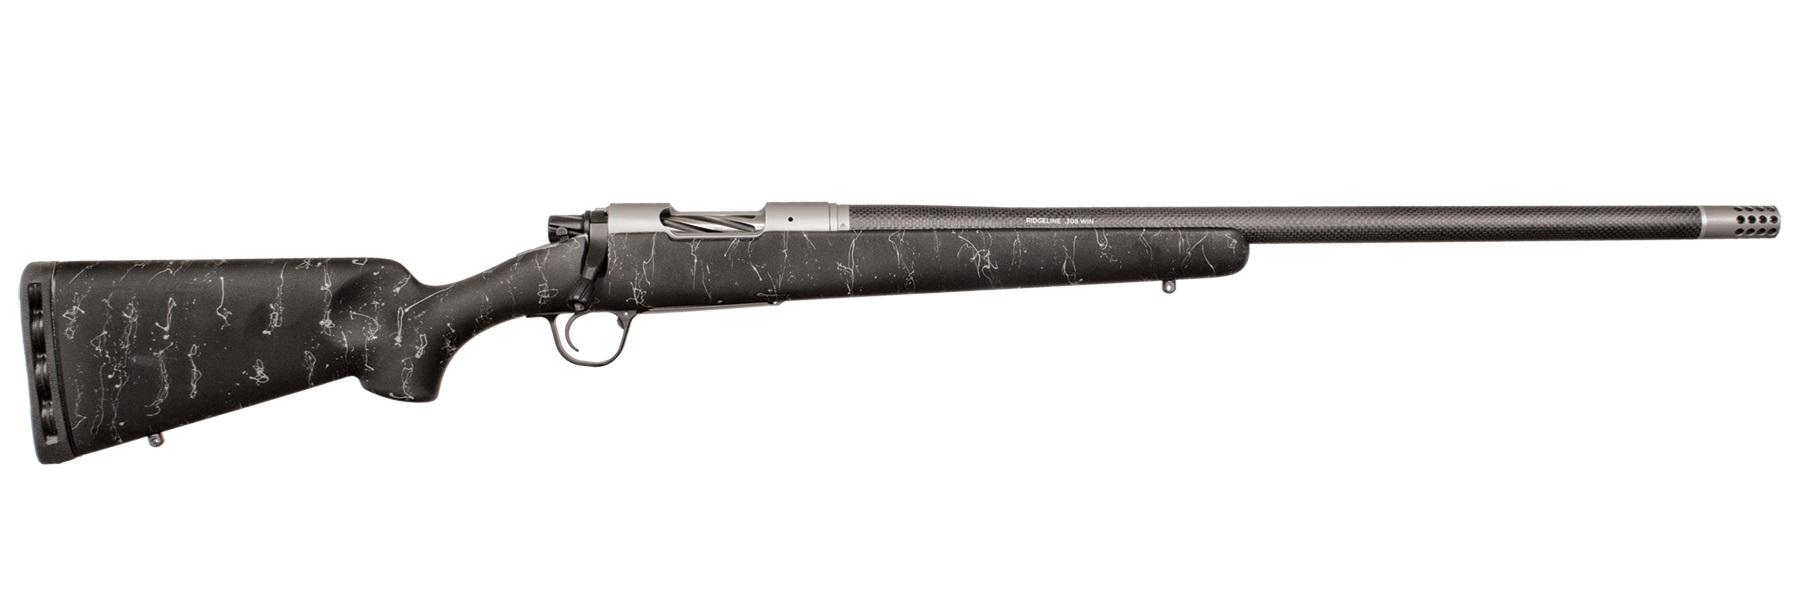 Christensen Arms Ridgeline 280 ACKLY